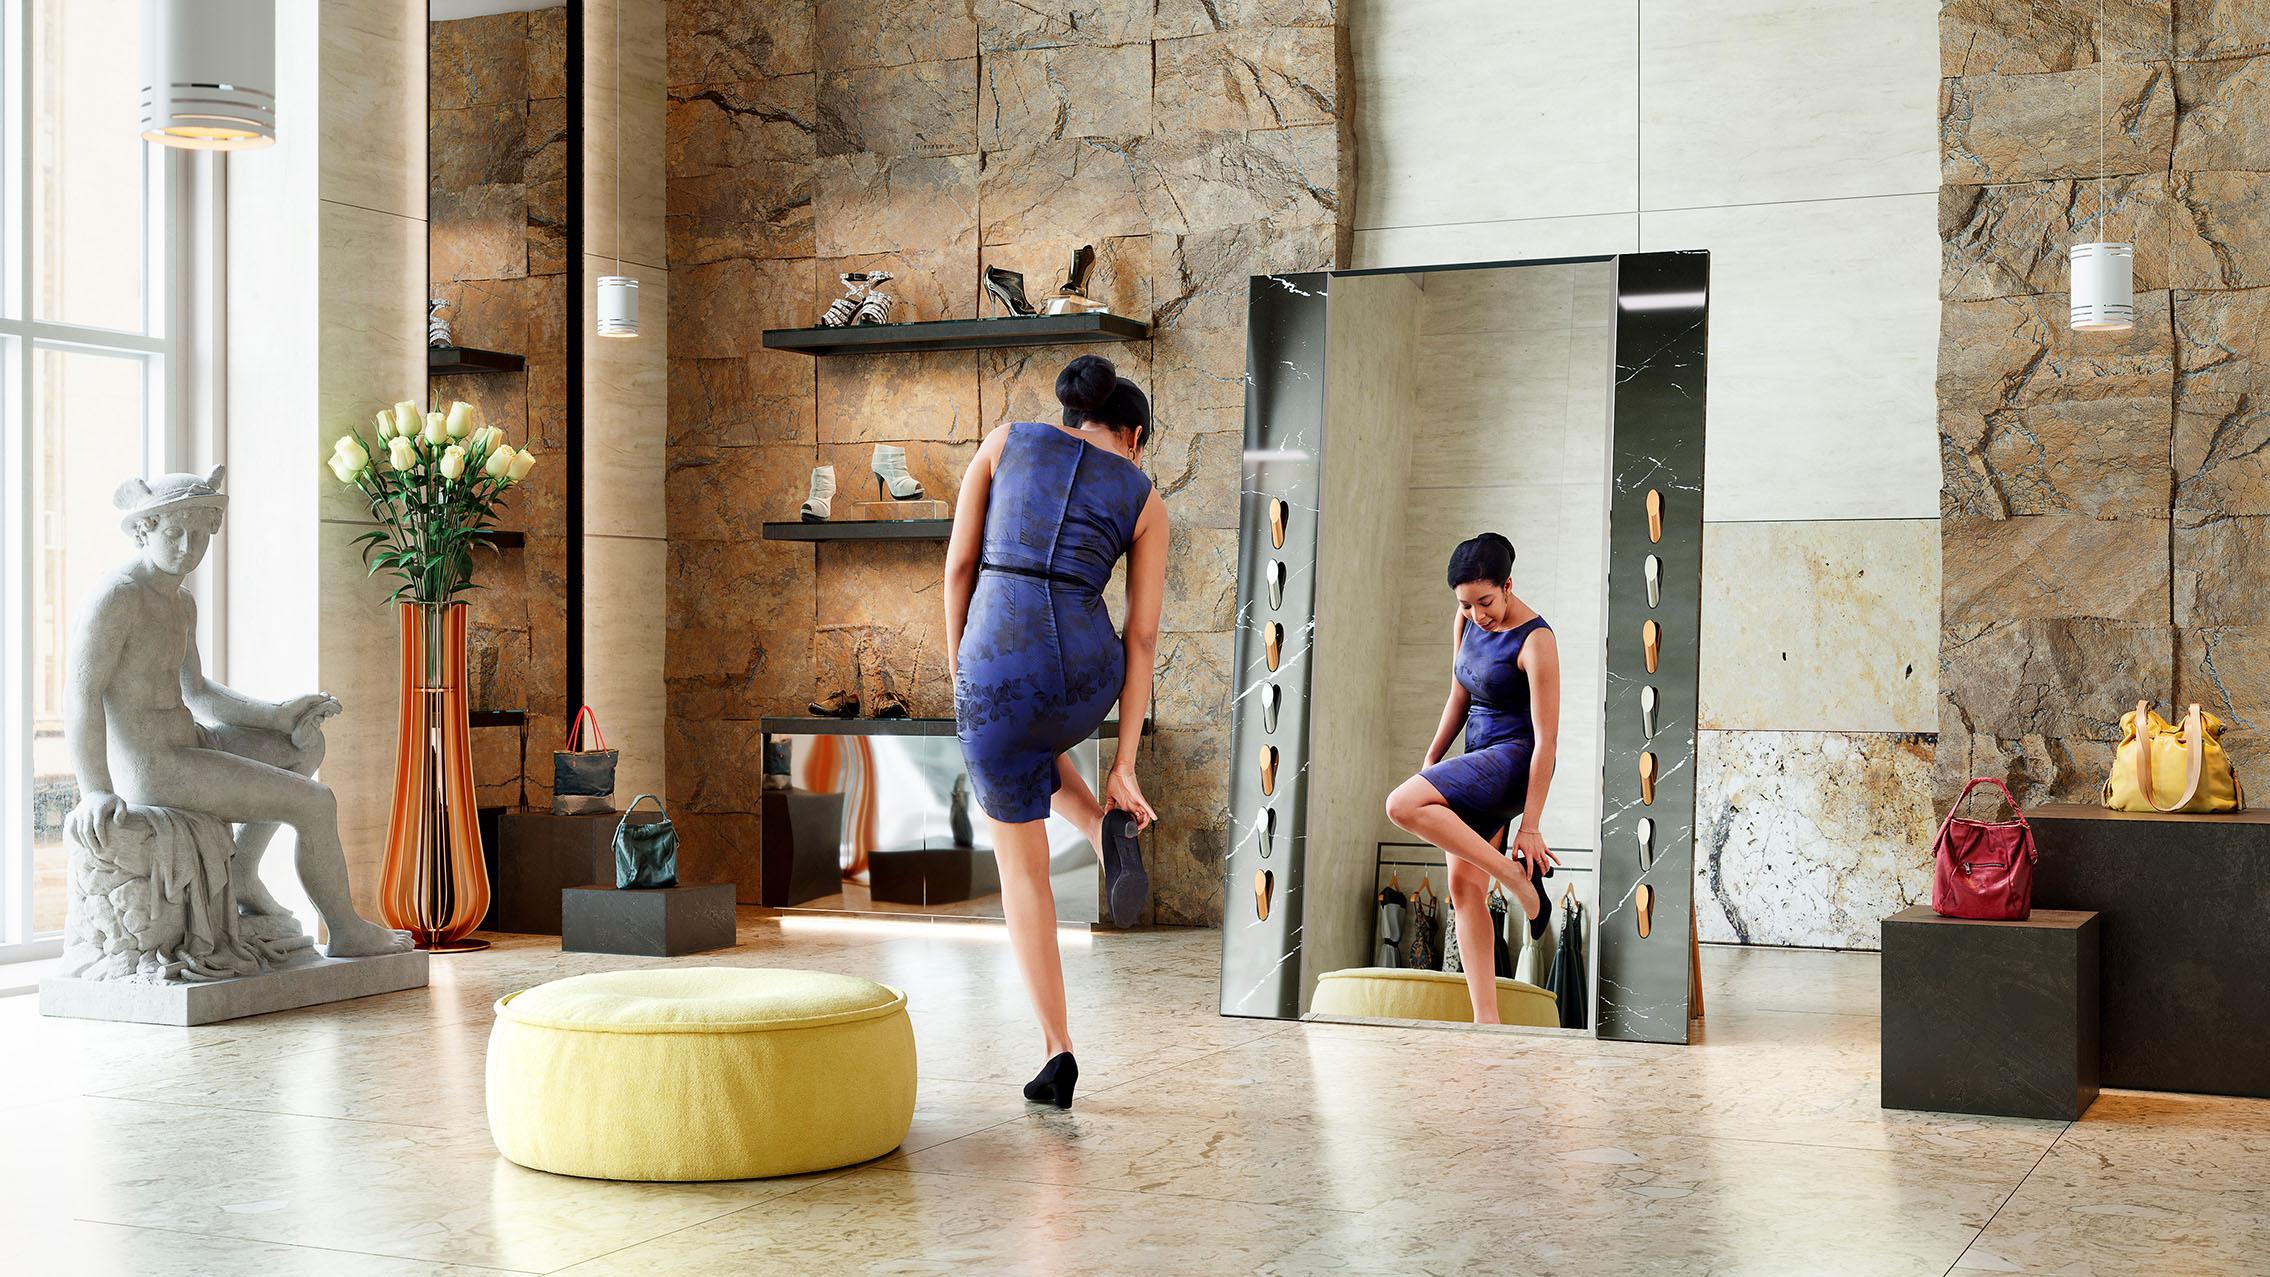 Fashion mirror by Adam Edward Design